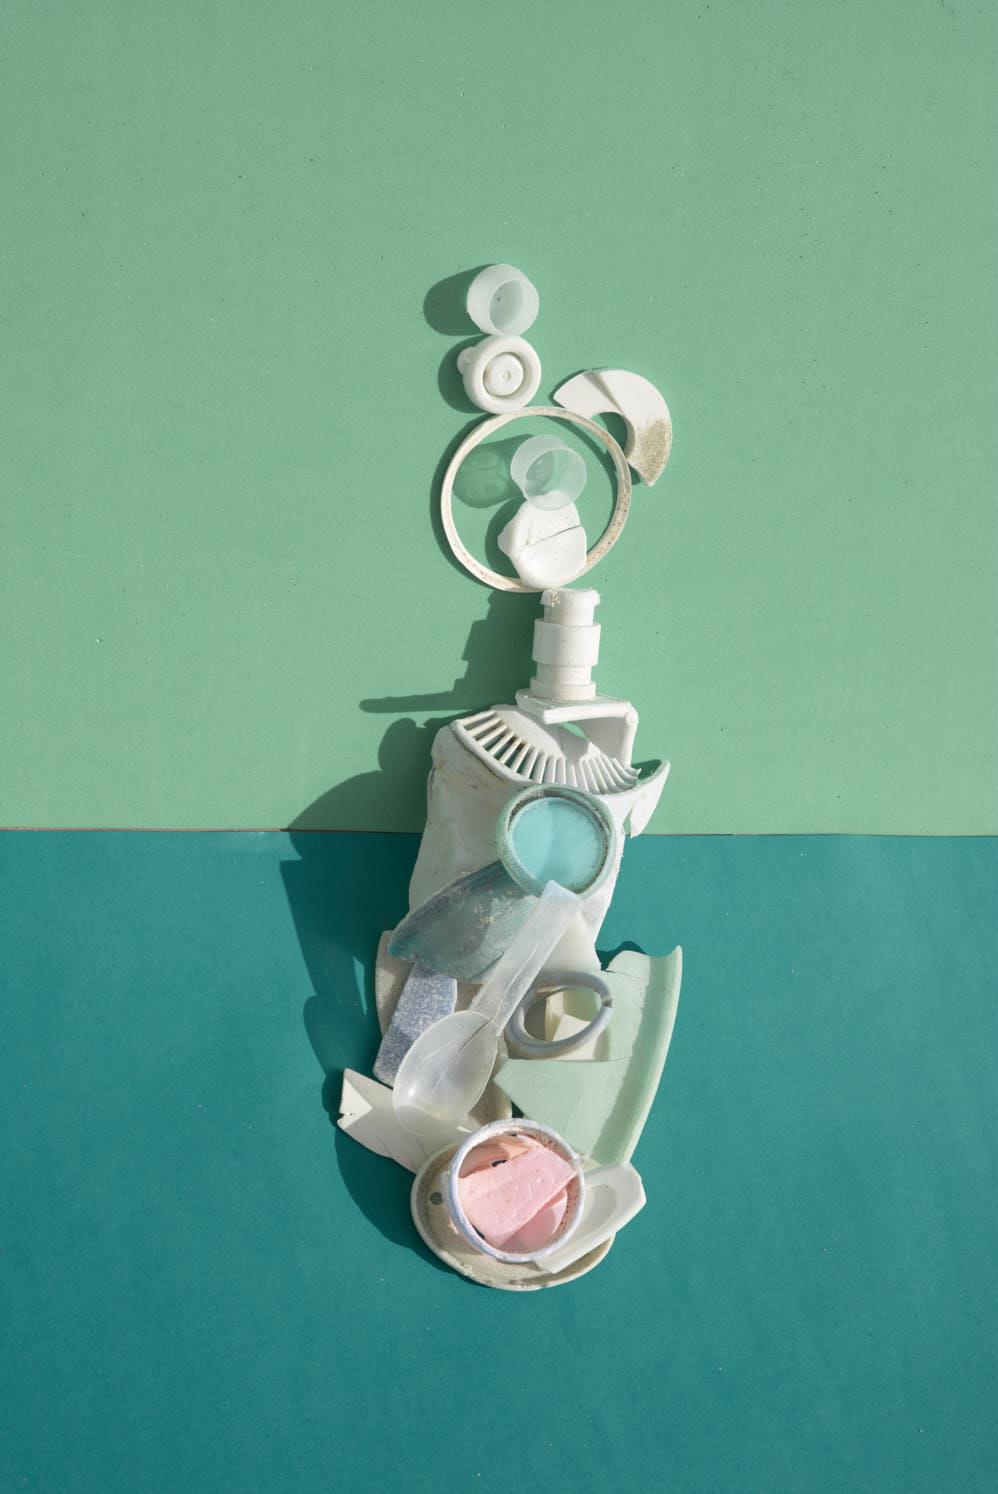 PlasticOcean-3526-Frog 1.jpg